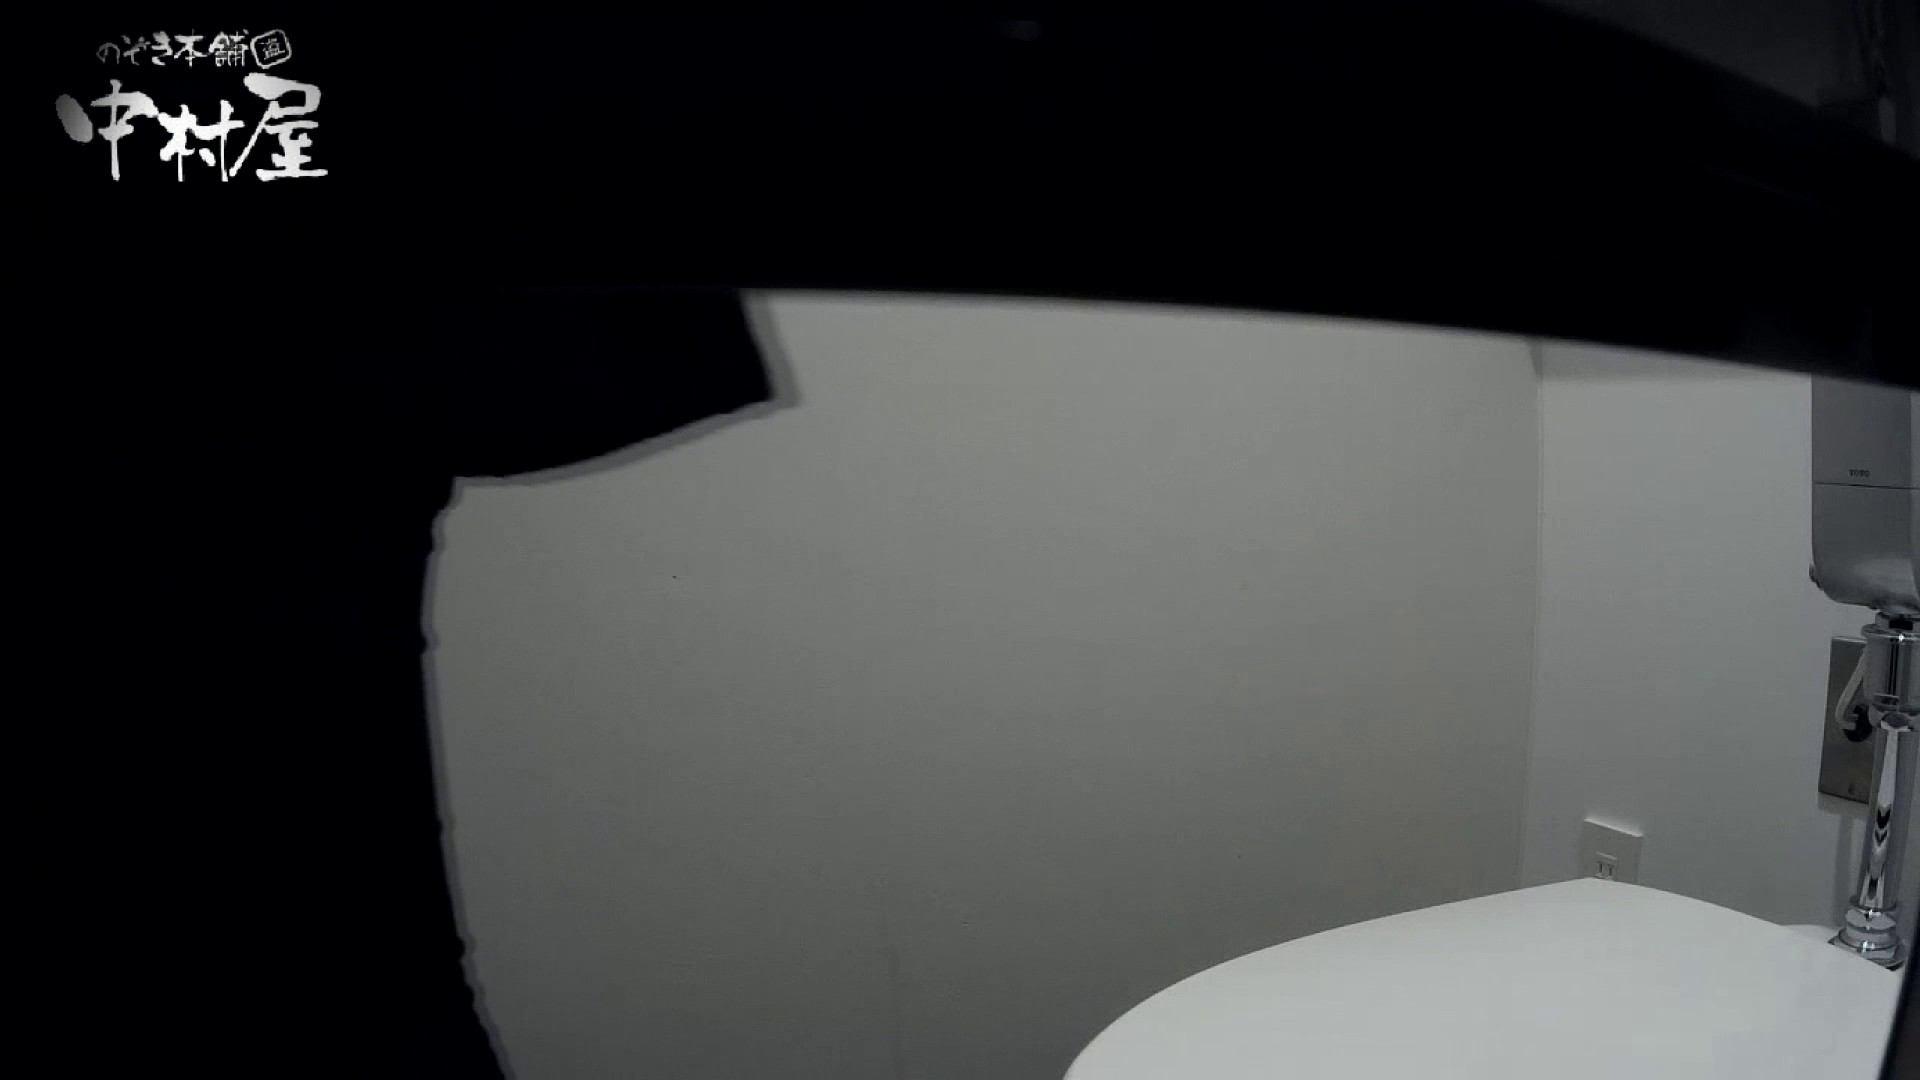 有名大学女性洗面所 vol.54 設置撮影最高峰!! 3視点でじっくり観察 潜入 AV無料 99連発 28